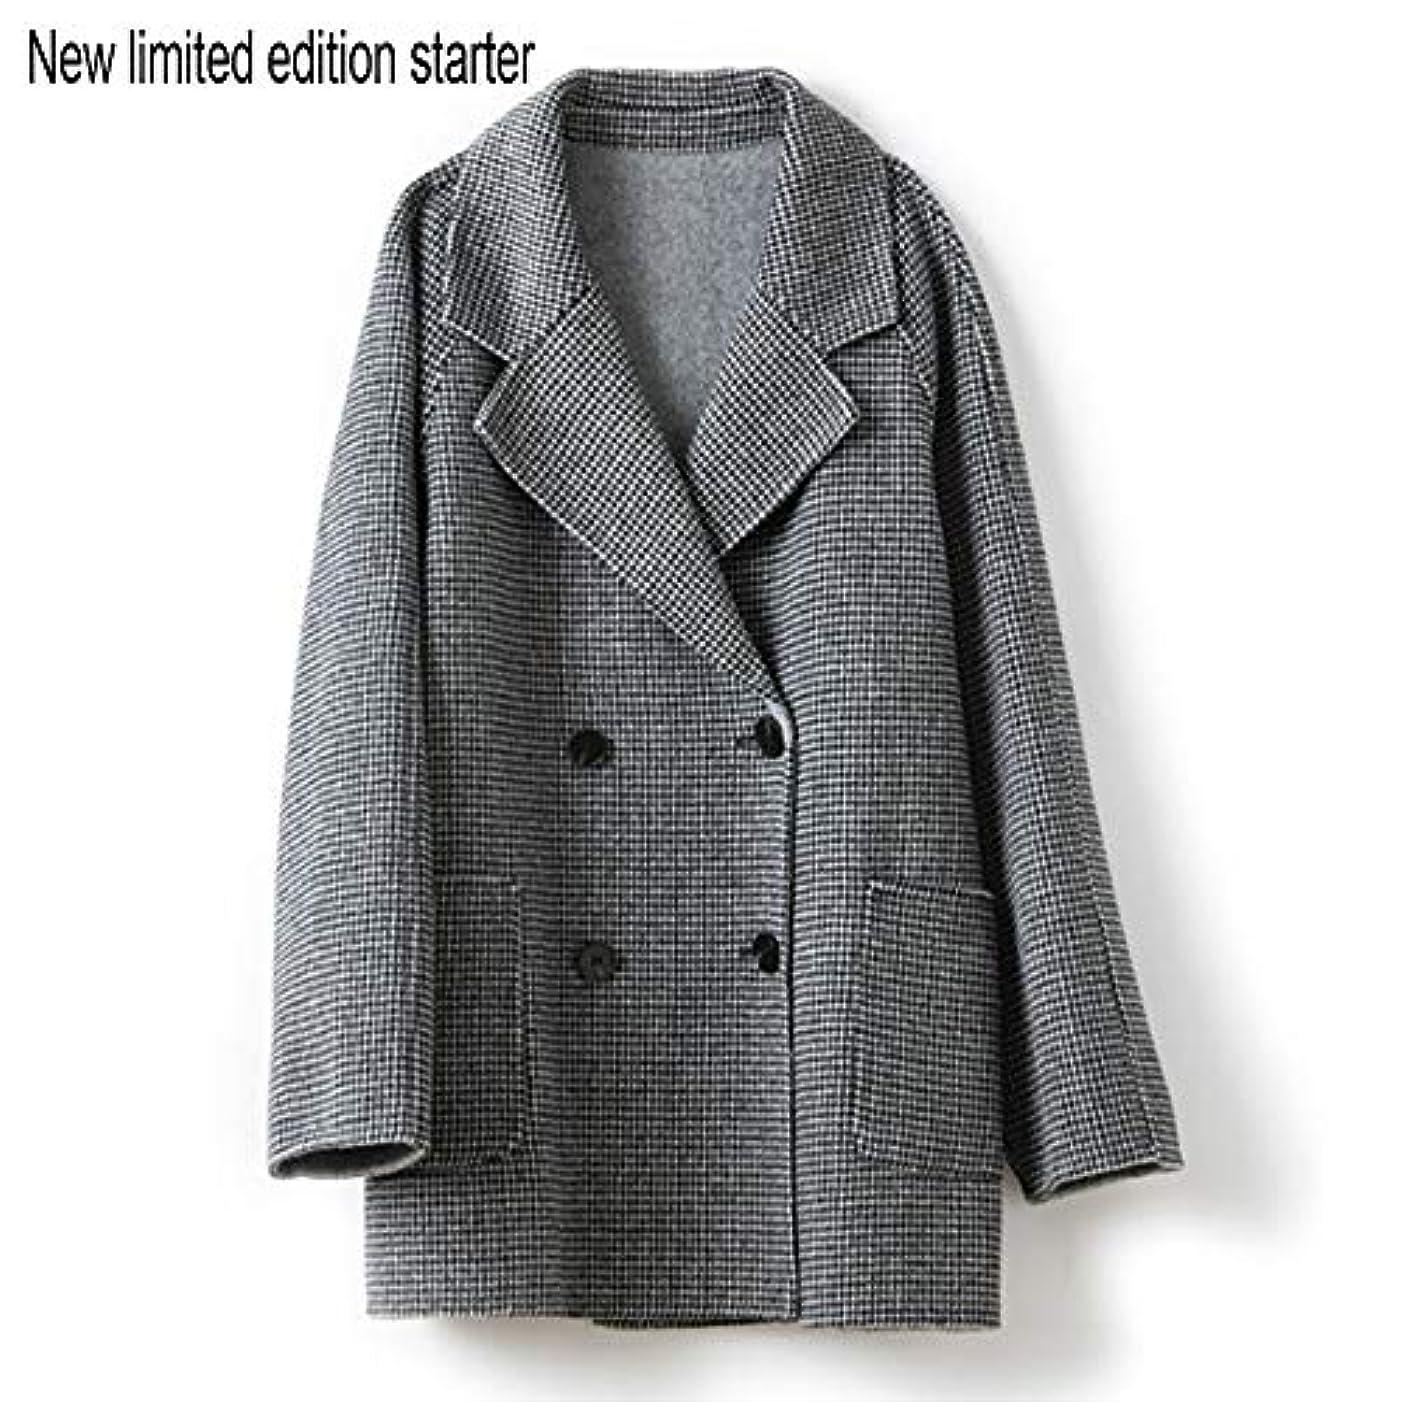 スナップスカート複製するウールコート婦人服、ダブルブレストラペルファインダブルフェイスコートレディースロングセクションウールコート婦人服,黒,L